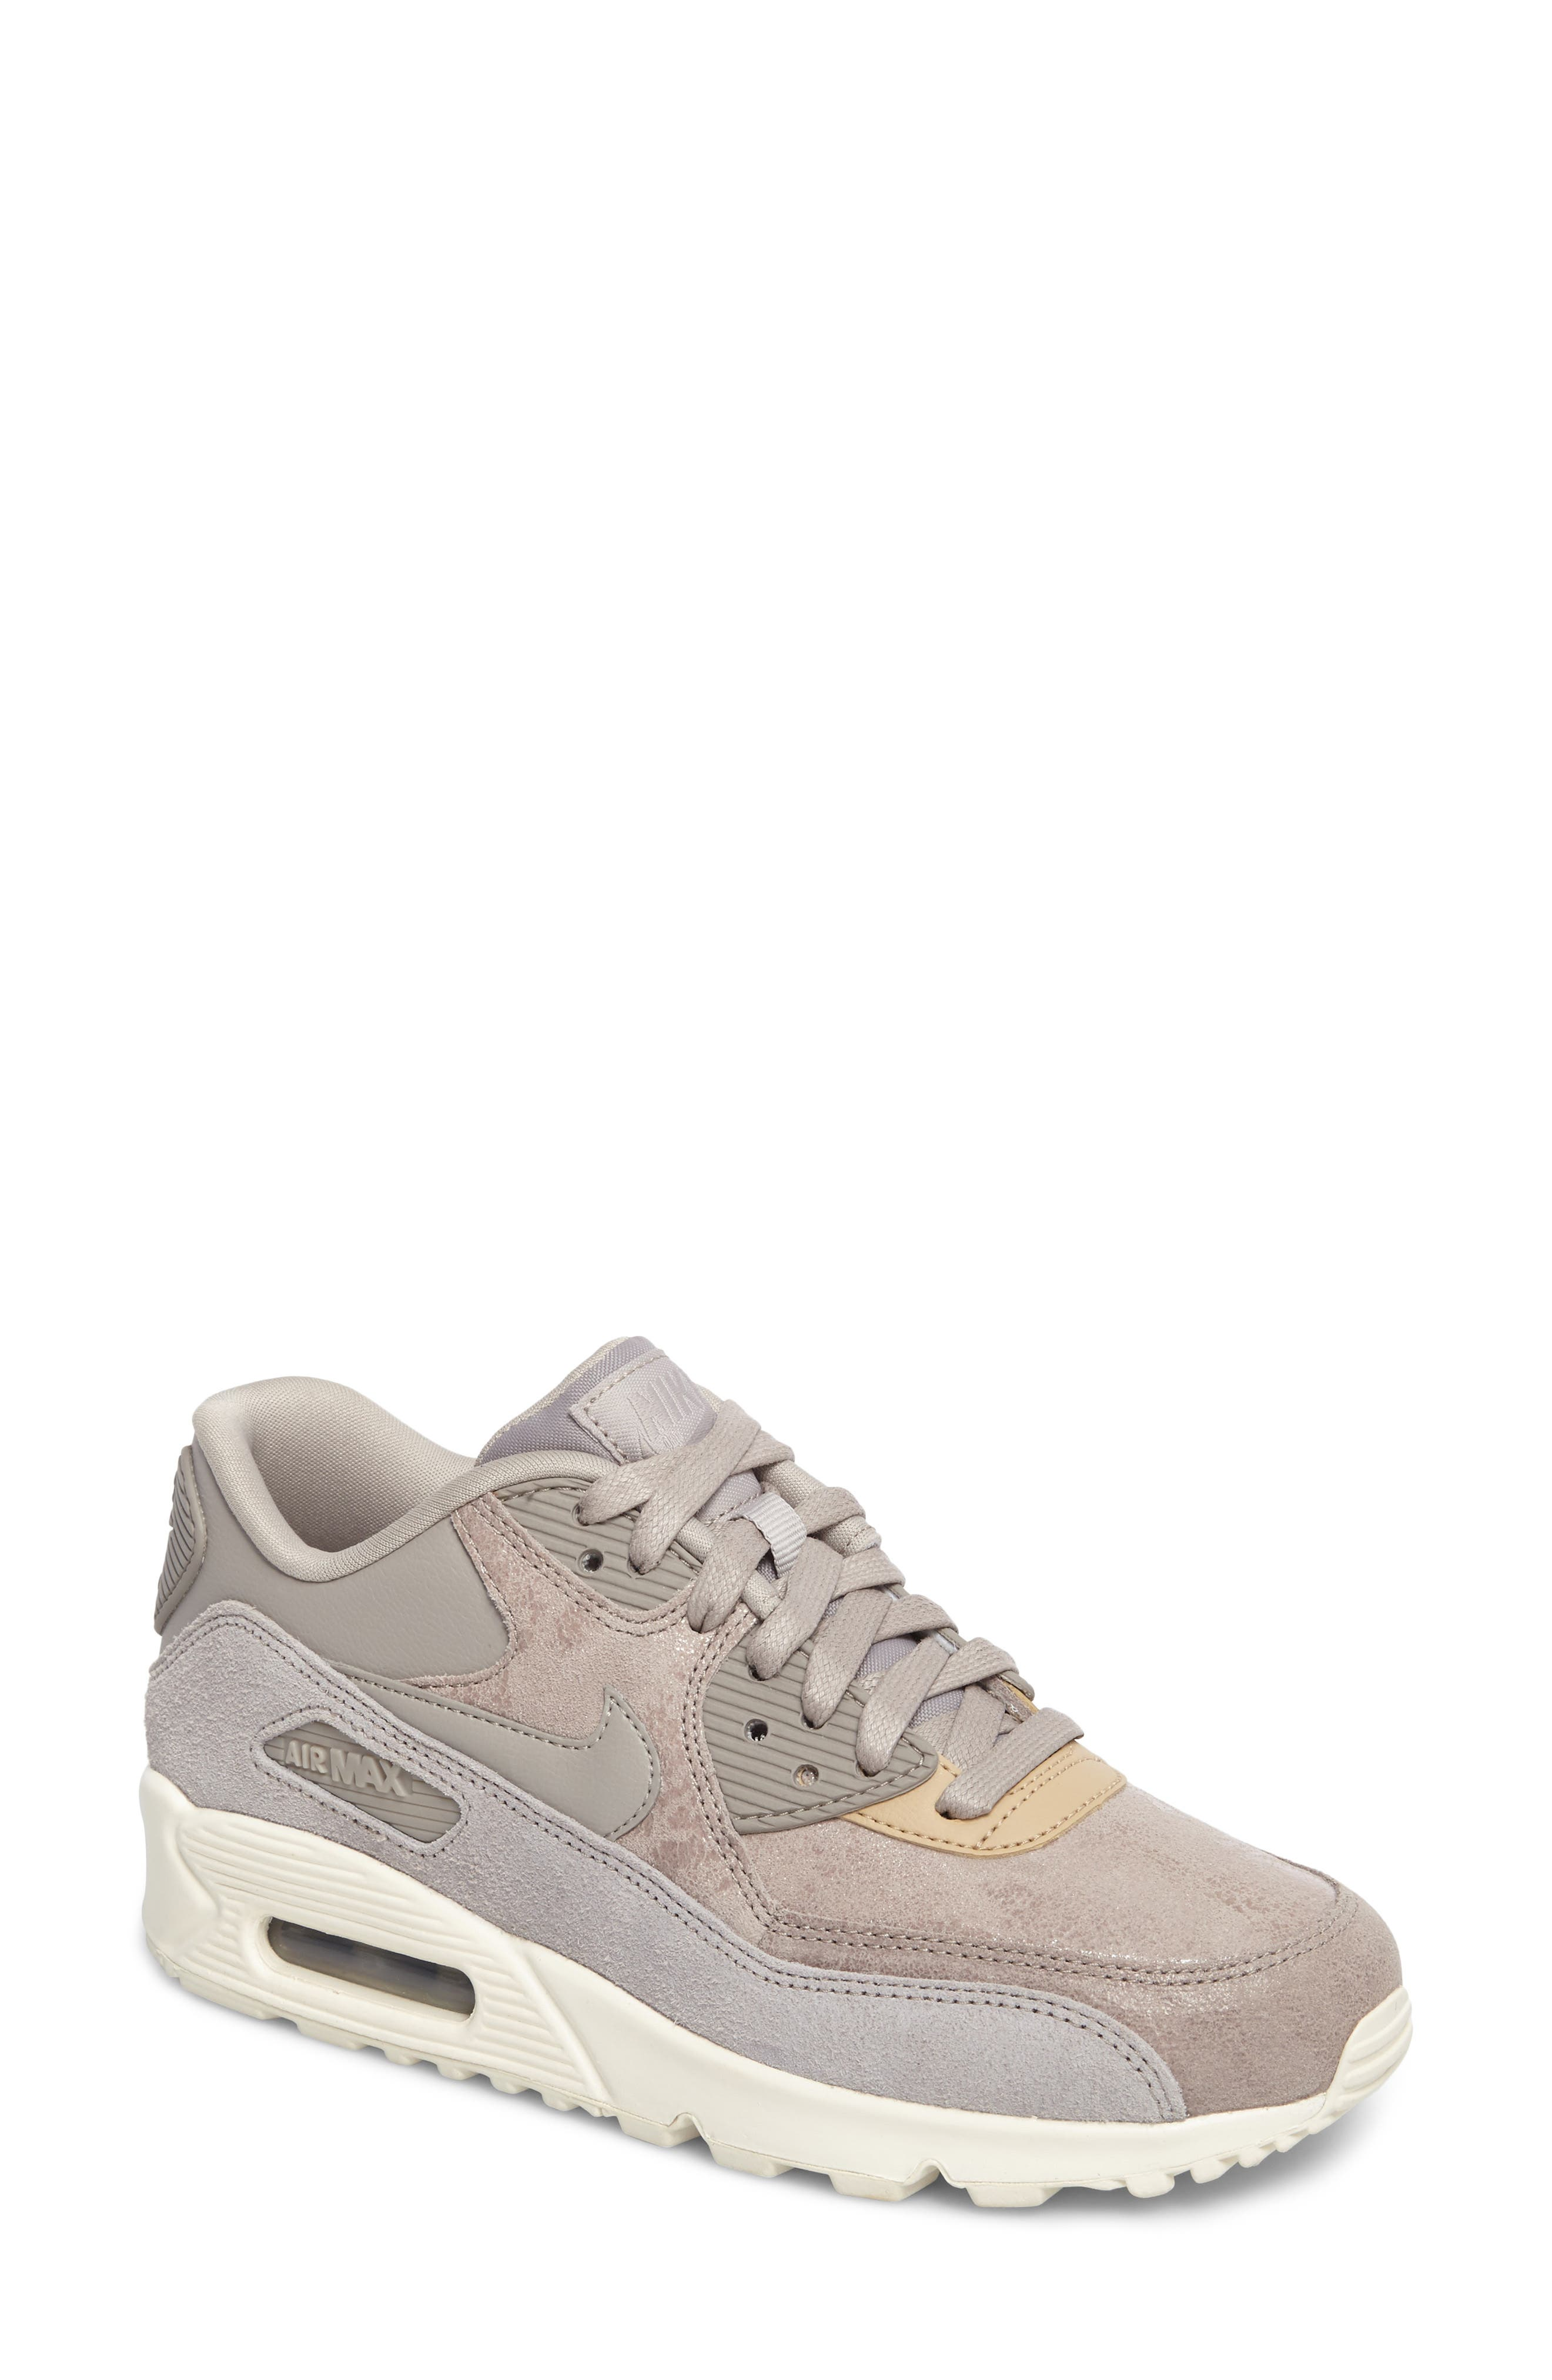 Alternate Image 1 Selected - Nike Air Max 90 Premium Sneaker (Women)